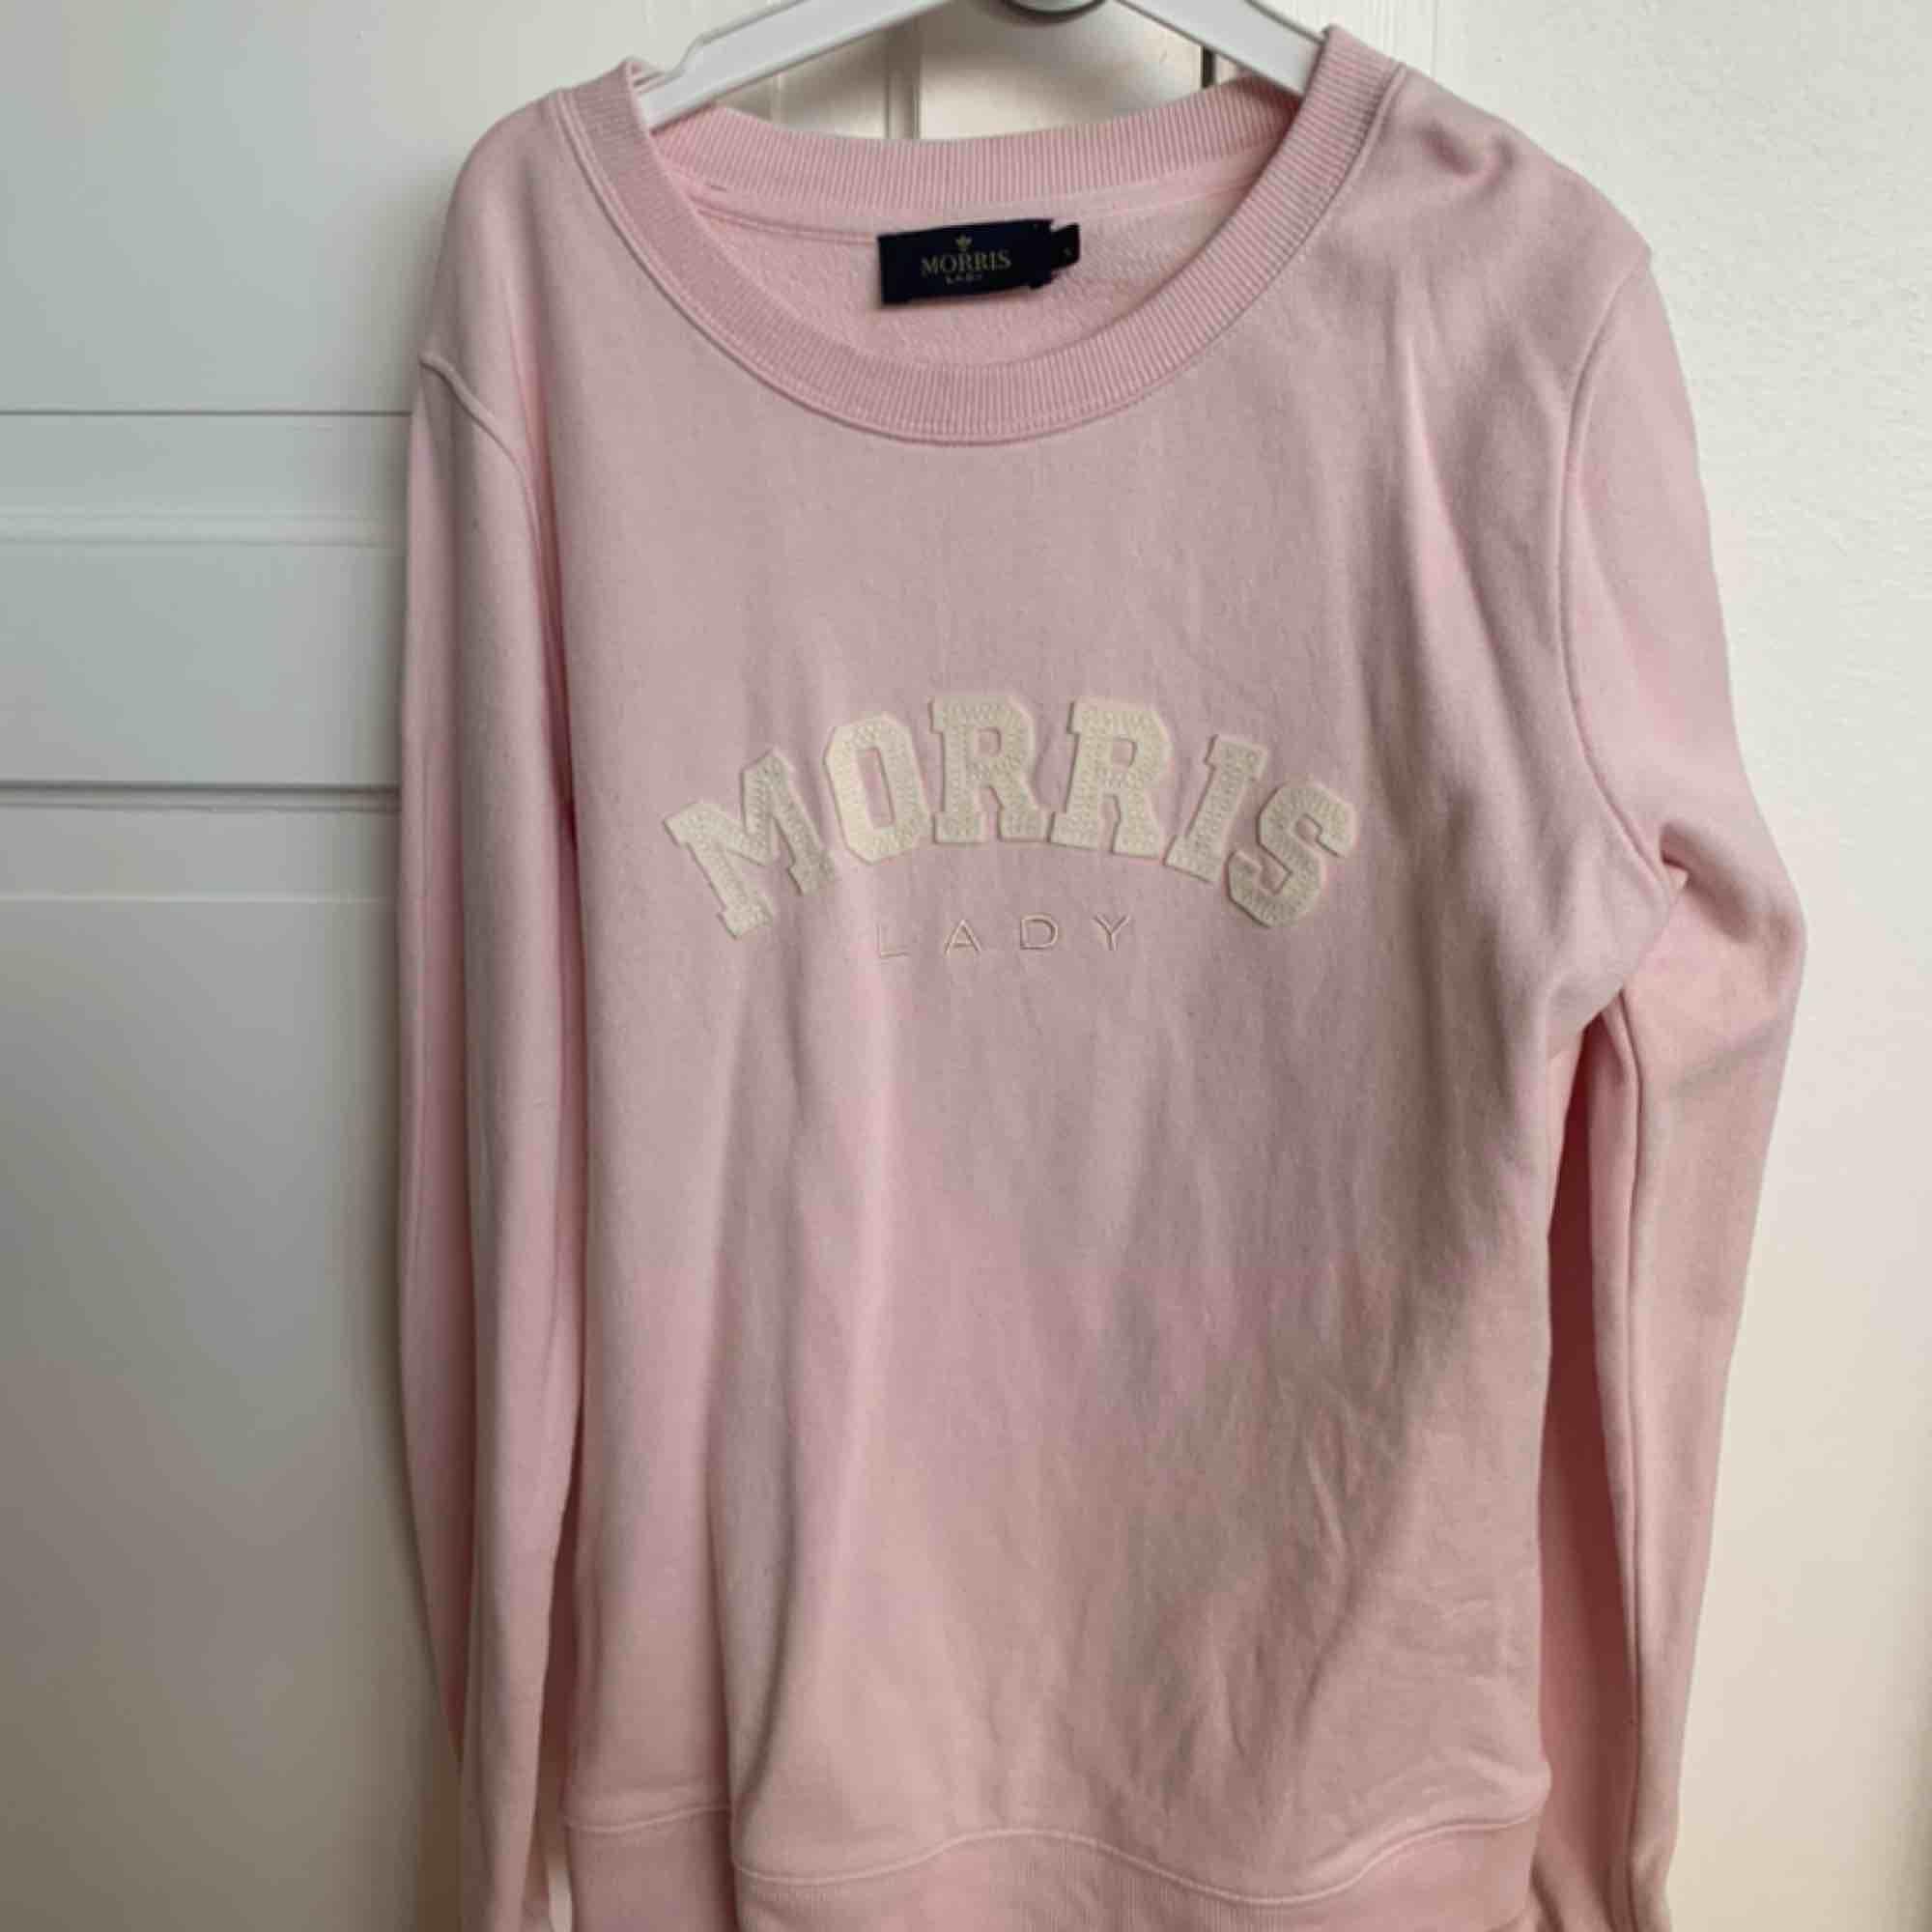 Fin rosa Morris tröja. Sälj pågrund av inte kommer till användning speciellt mycket. Använd ca 2 ggr så fortfarande jättefint skick och jättebra kvalite. . Tröjor & Koftor.